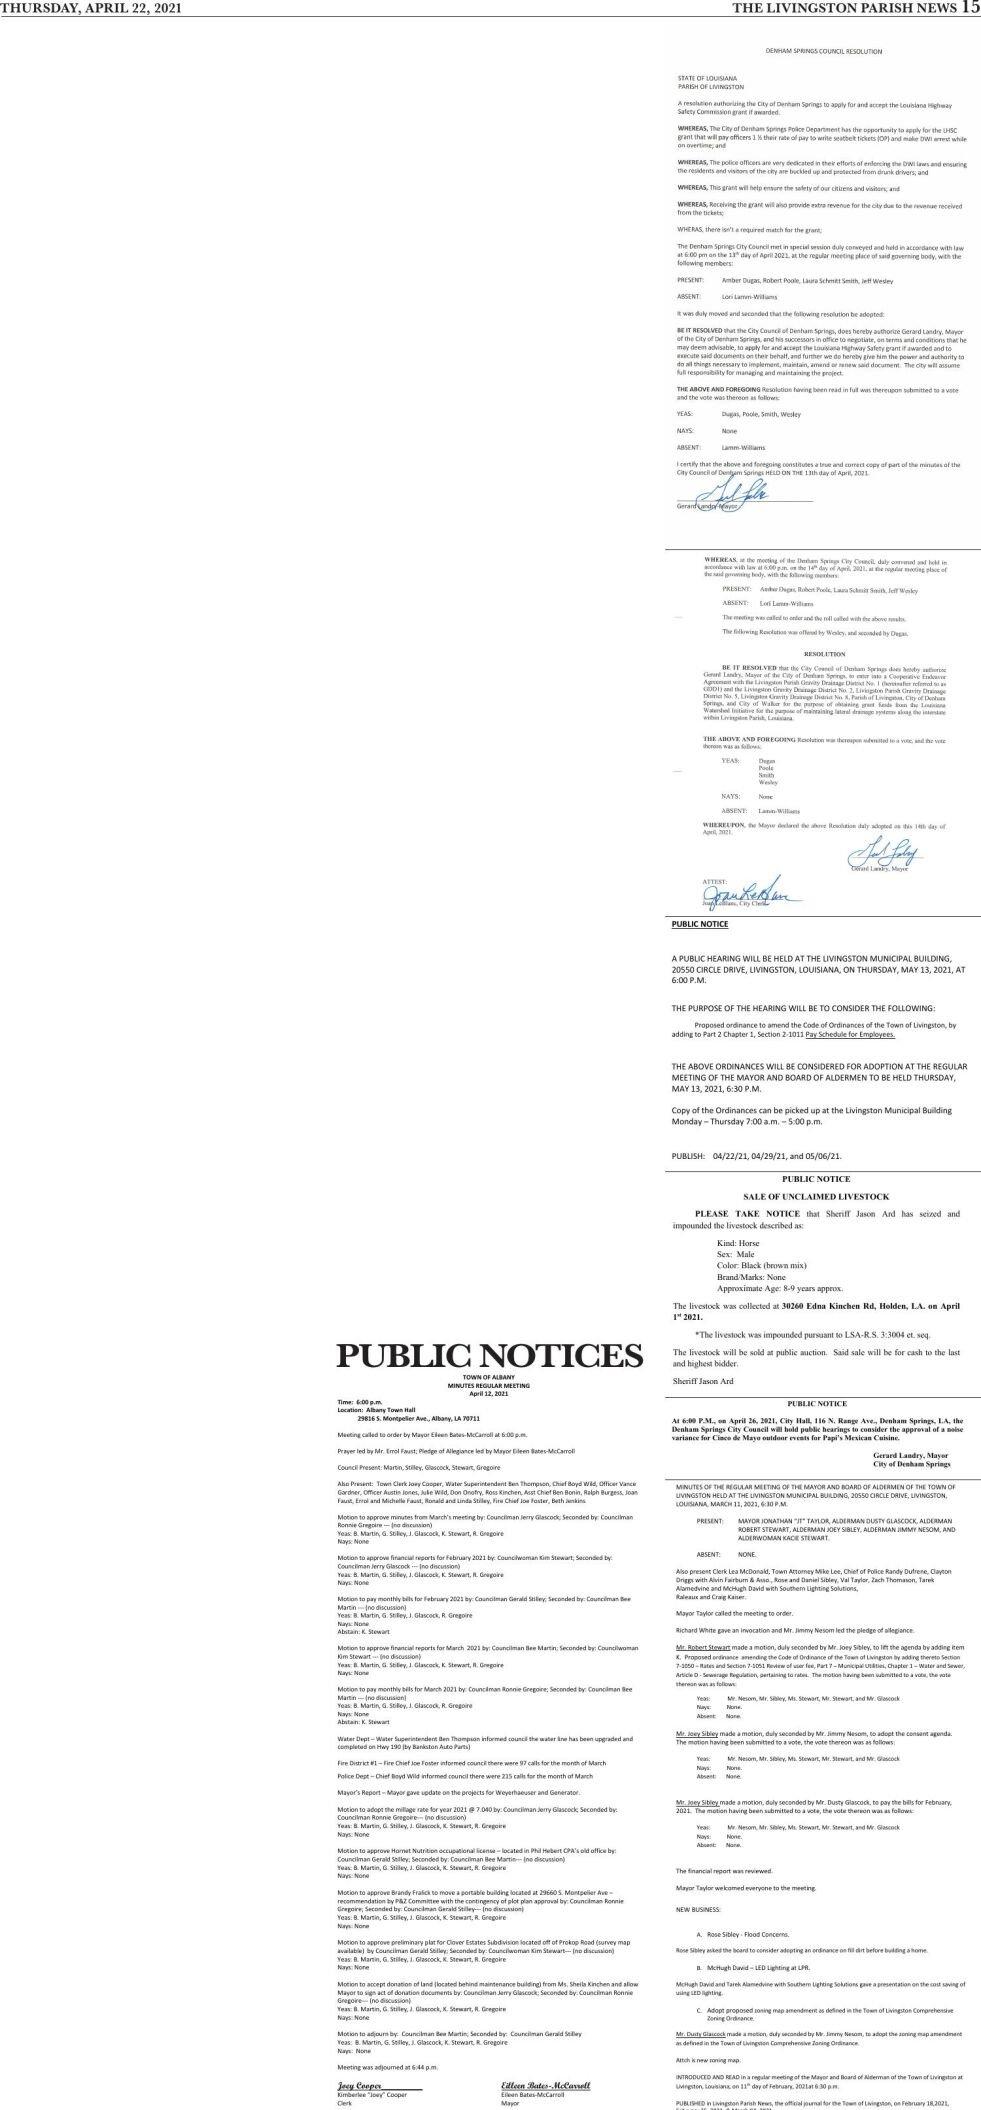 Public Notices published April 22, 2021